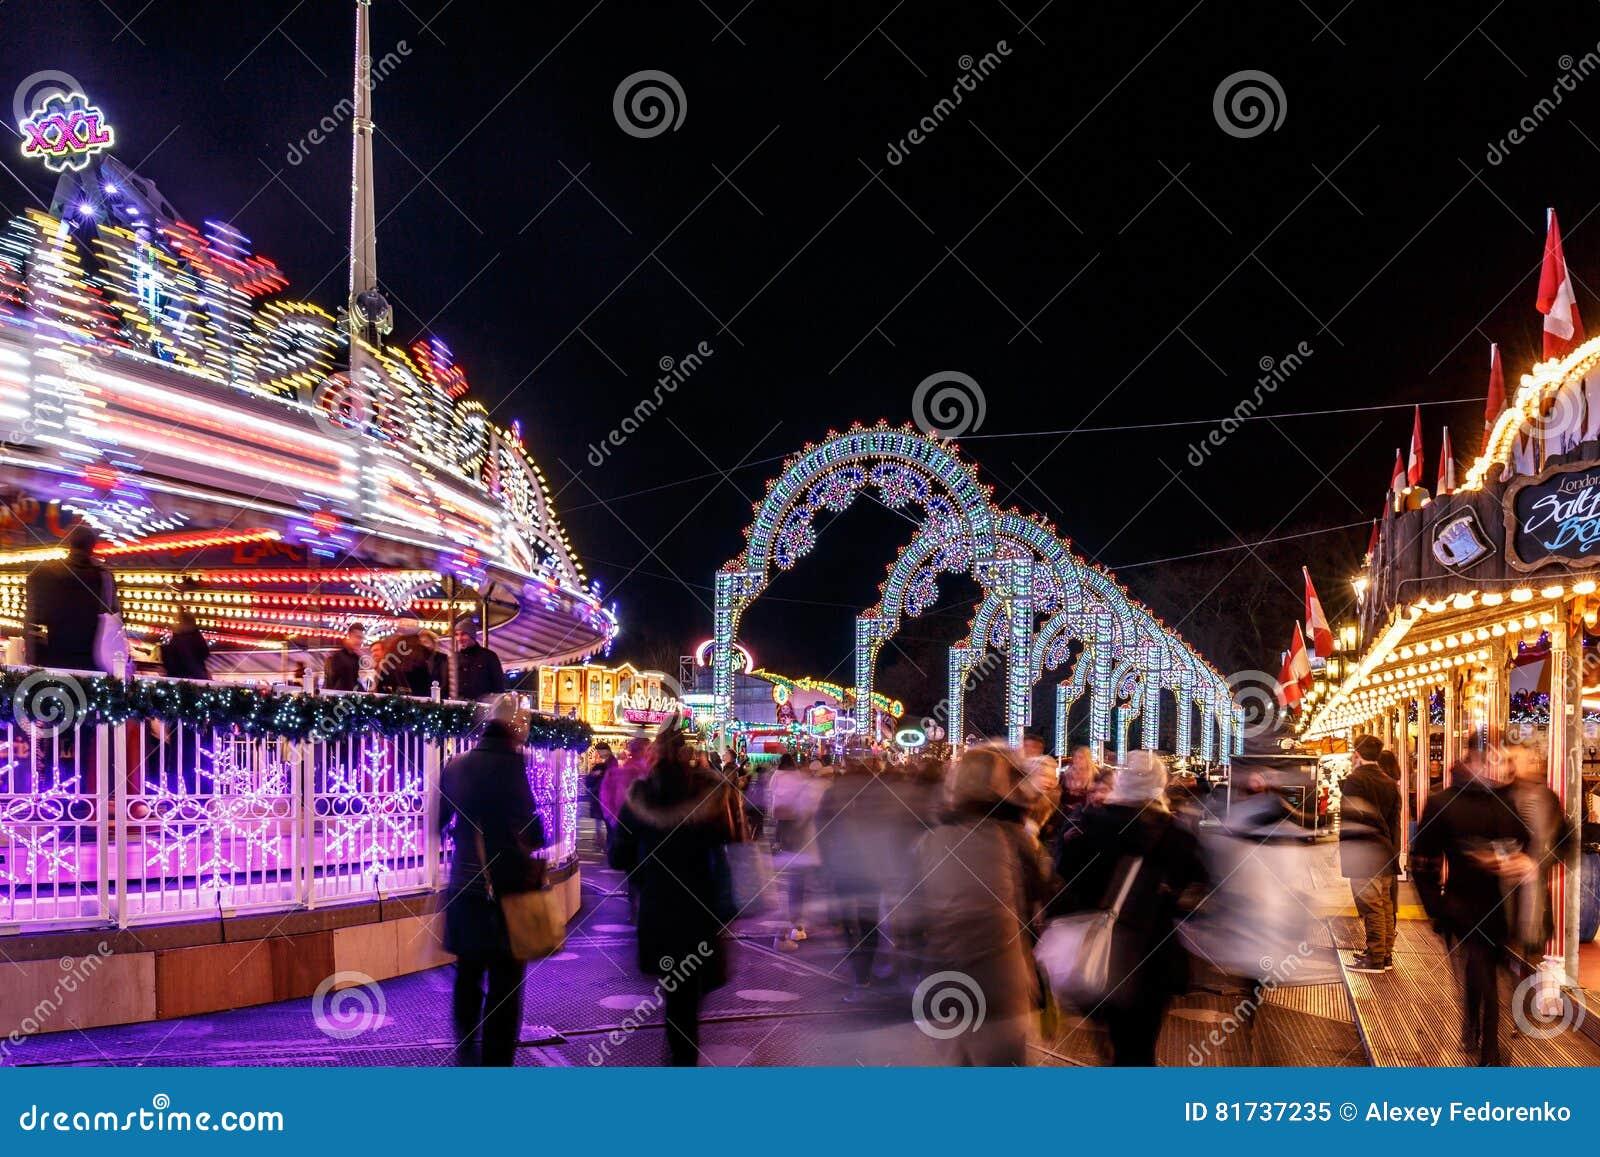 Weihnachtsmarkt Auf Englisch.Weihnachtsmarkt In Hyde Park Im Jahre 2016 Redaktionelles Bild